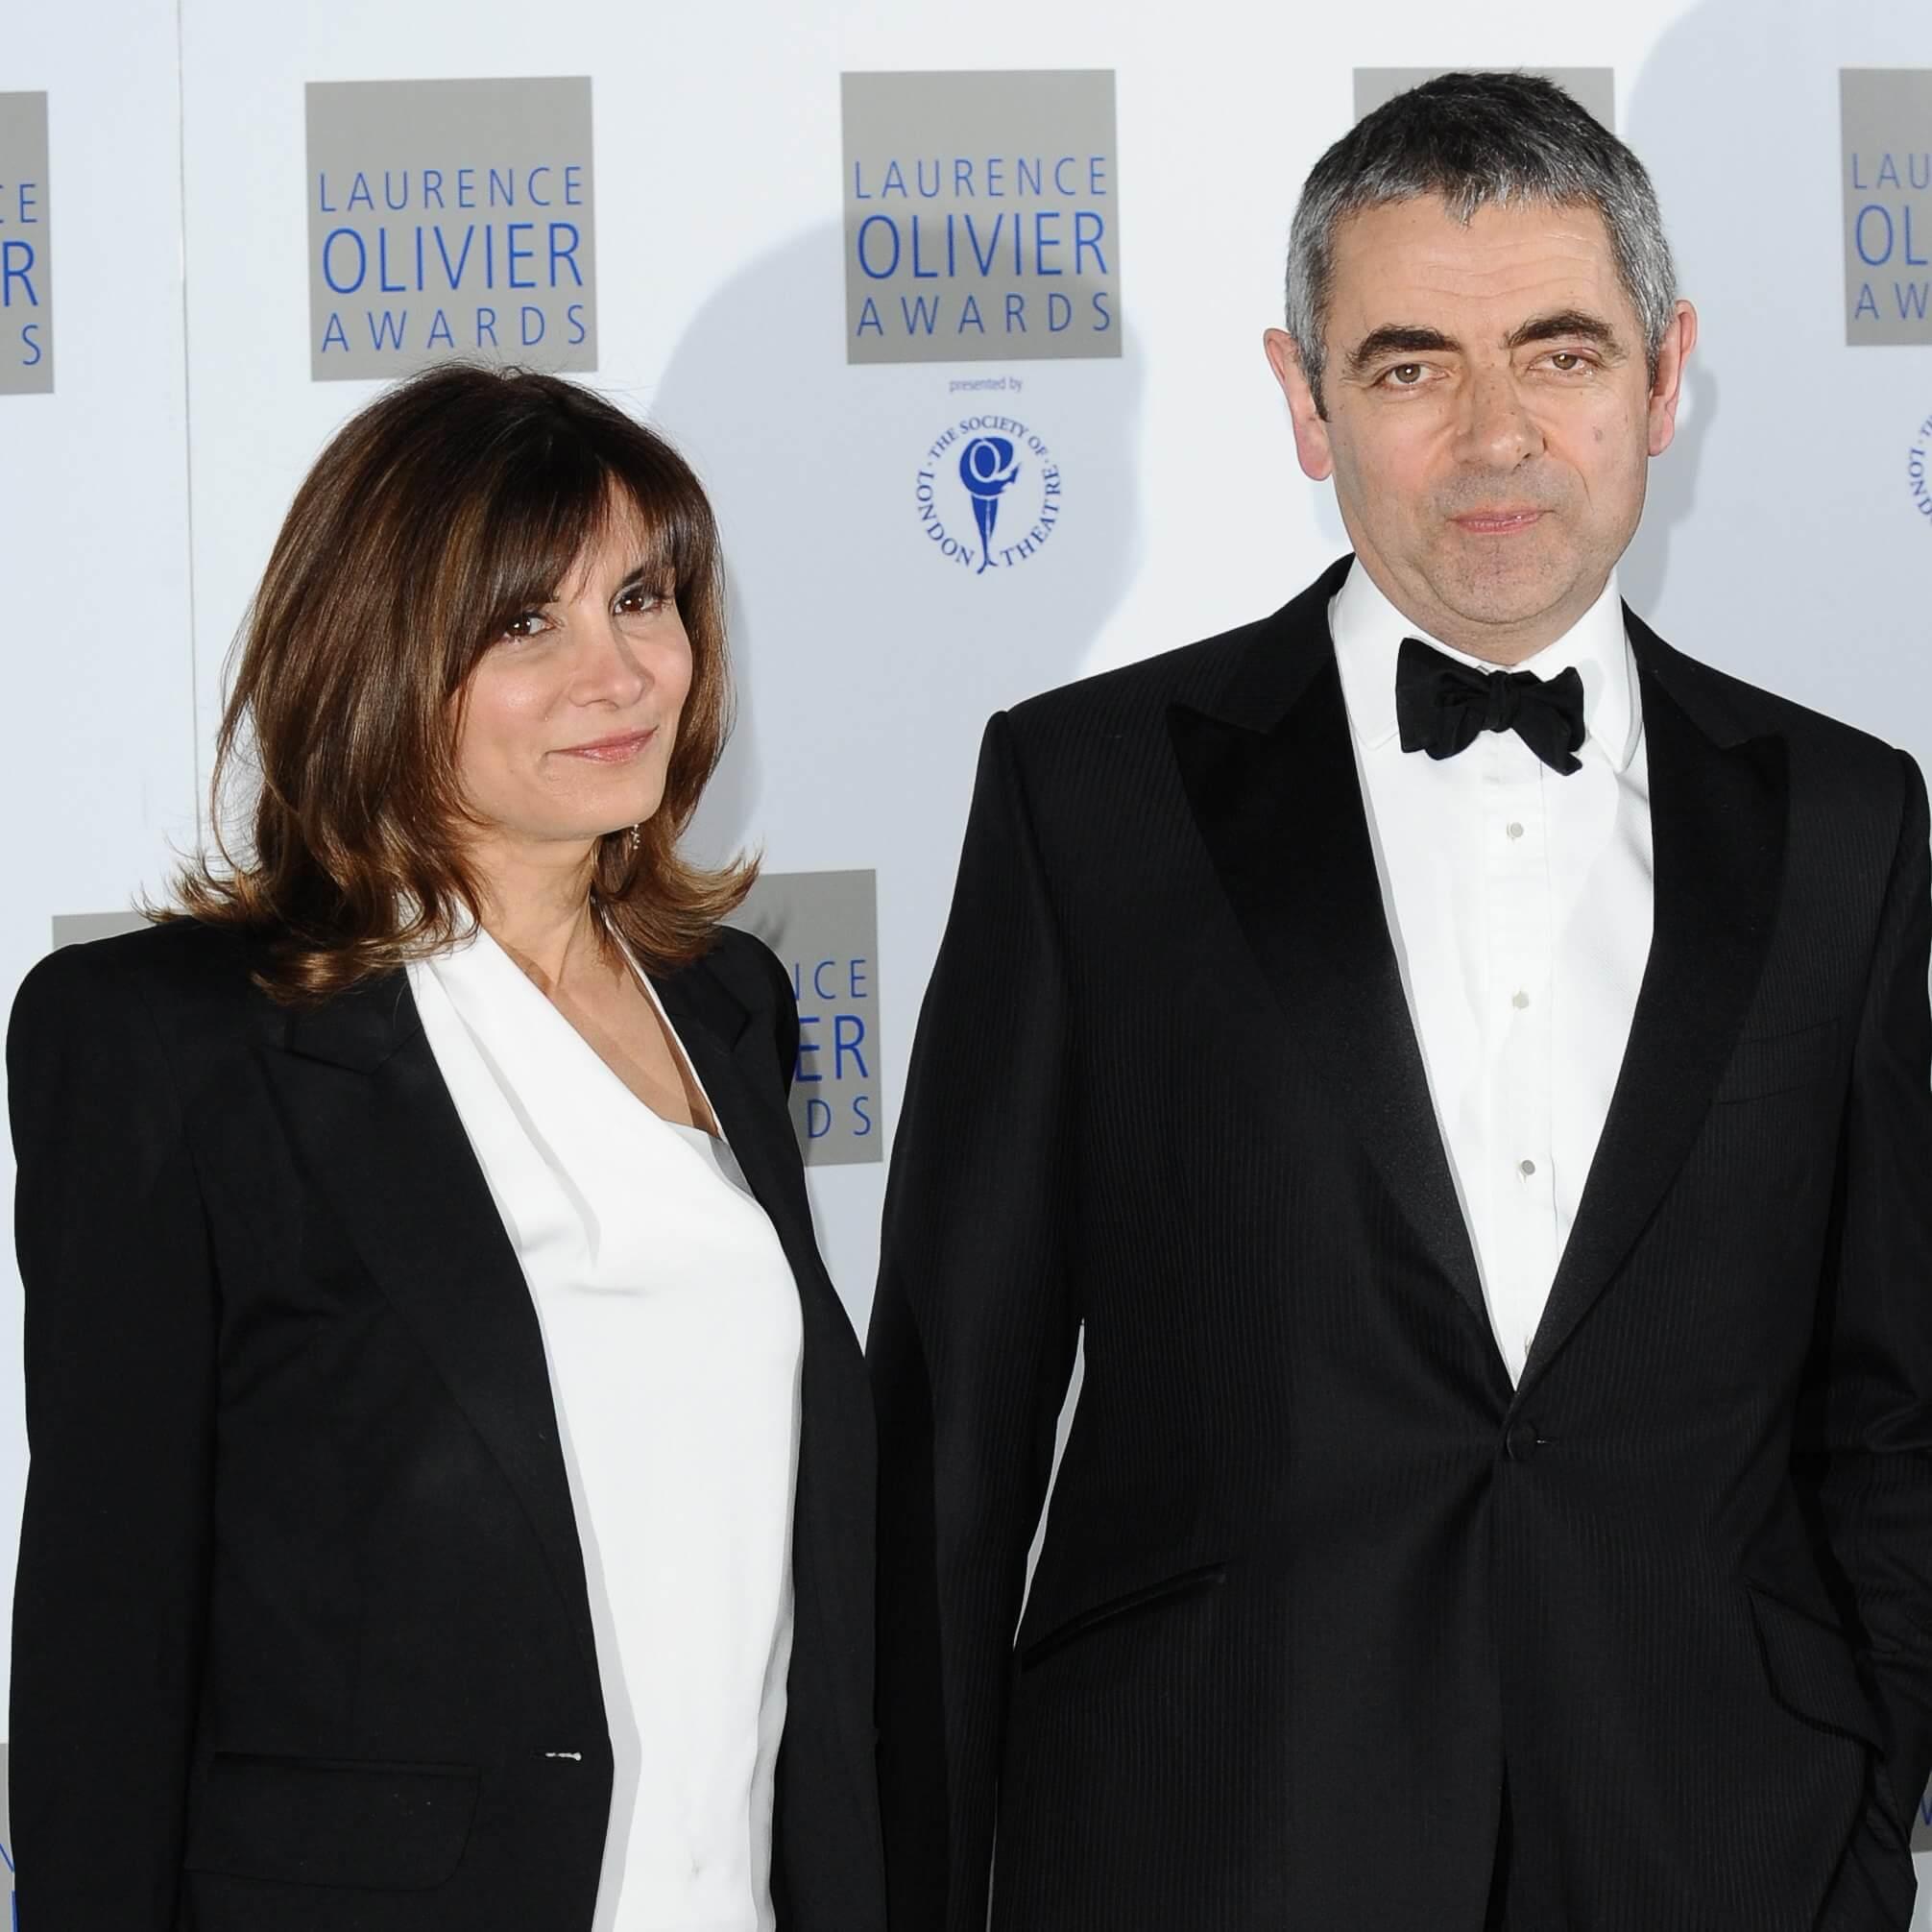 Rowan Atkinson and Sunetra Sastry